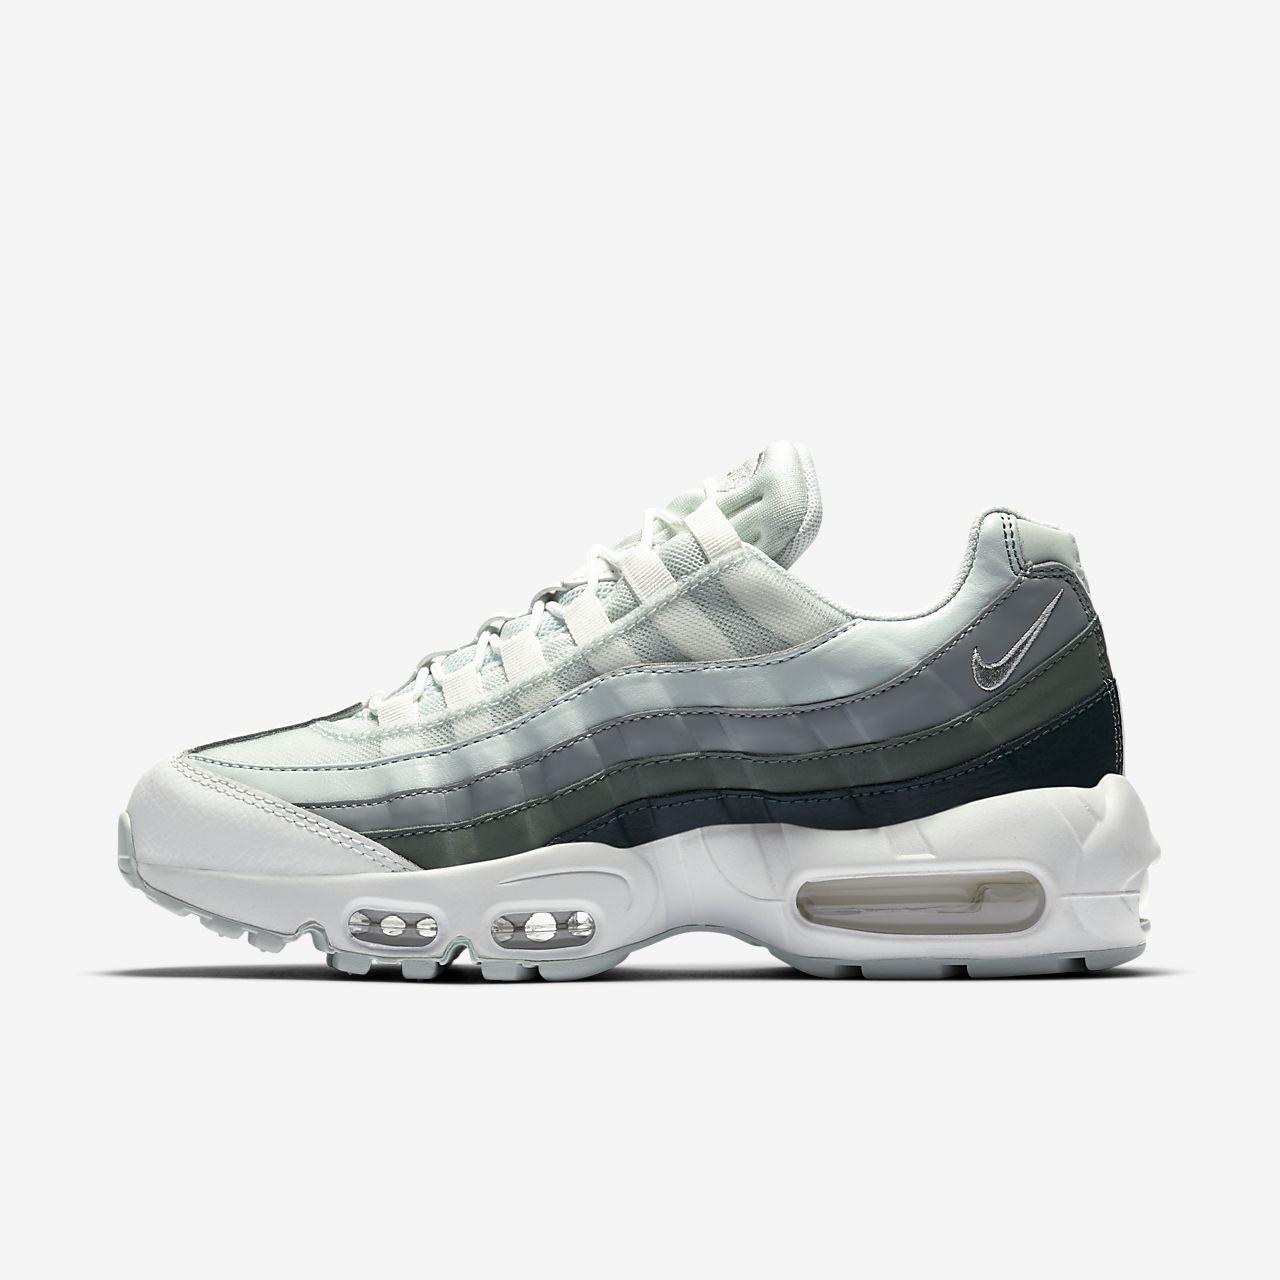 ... Nike Air Max 95 OG - sko til kvinder